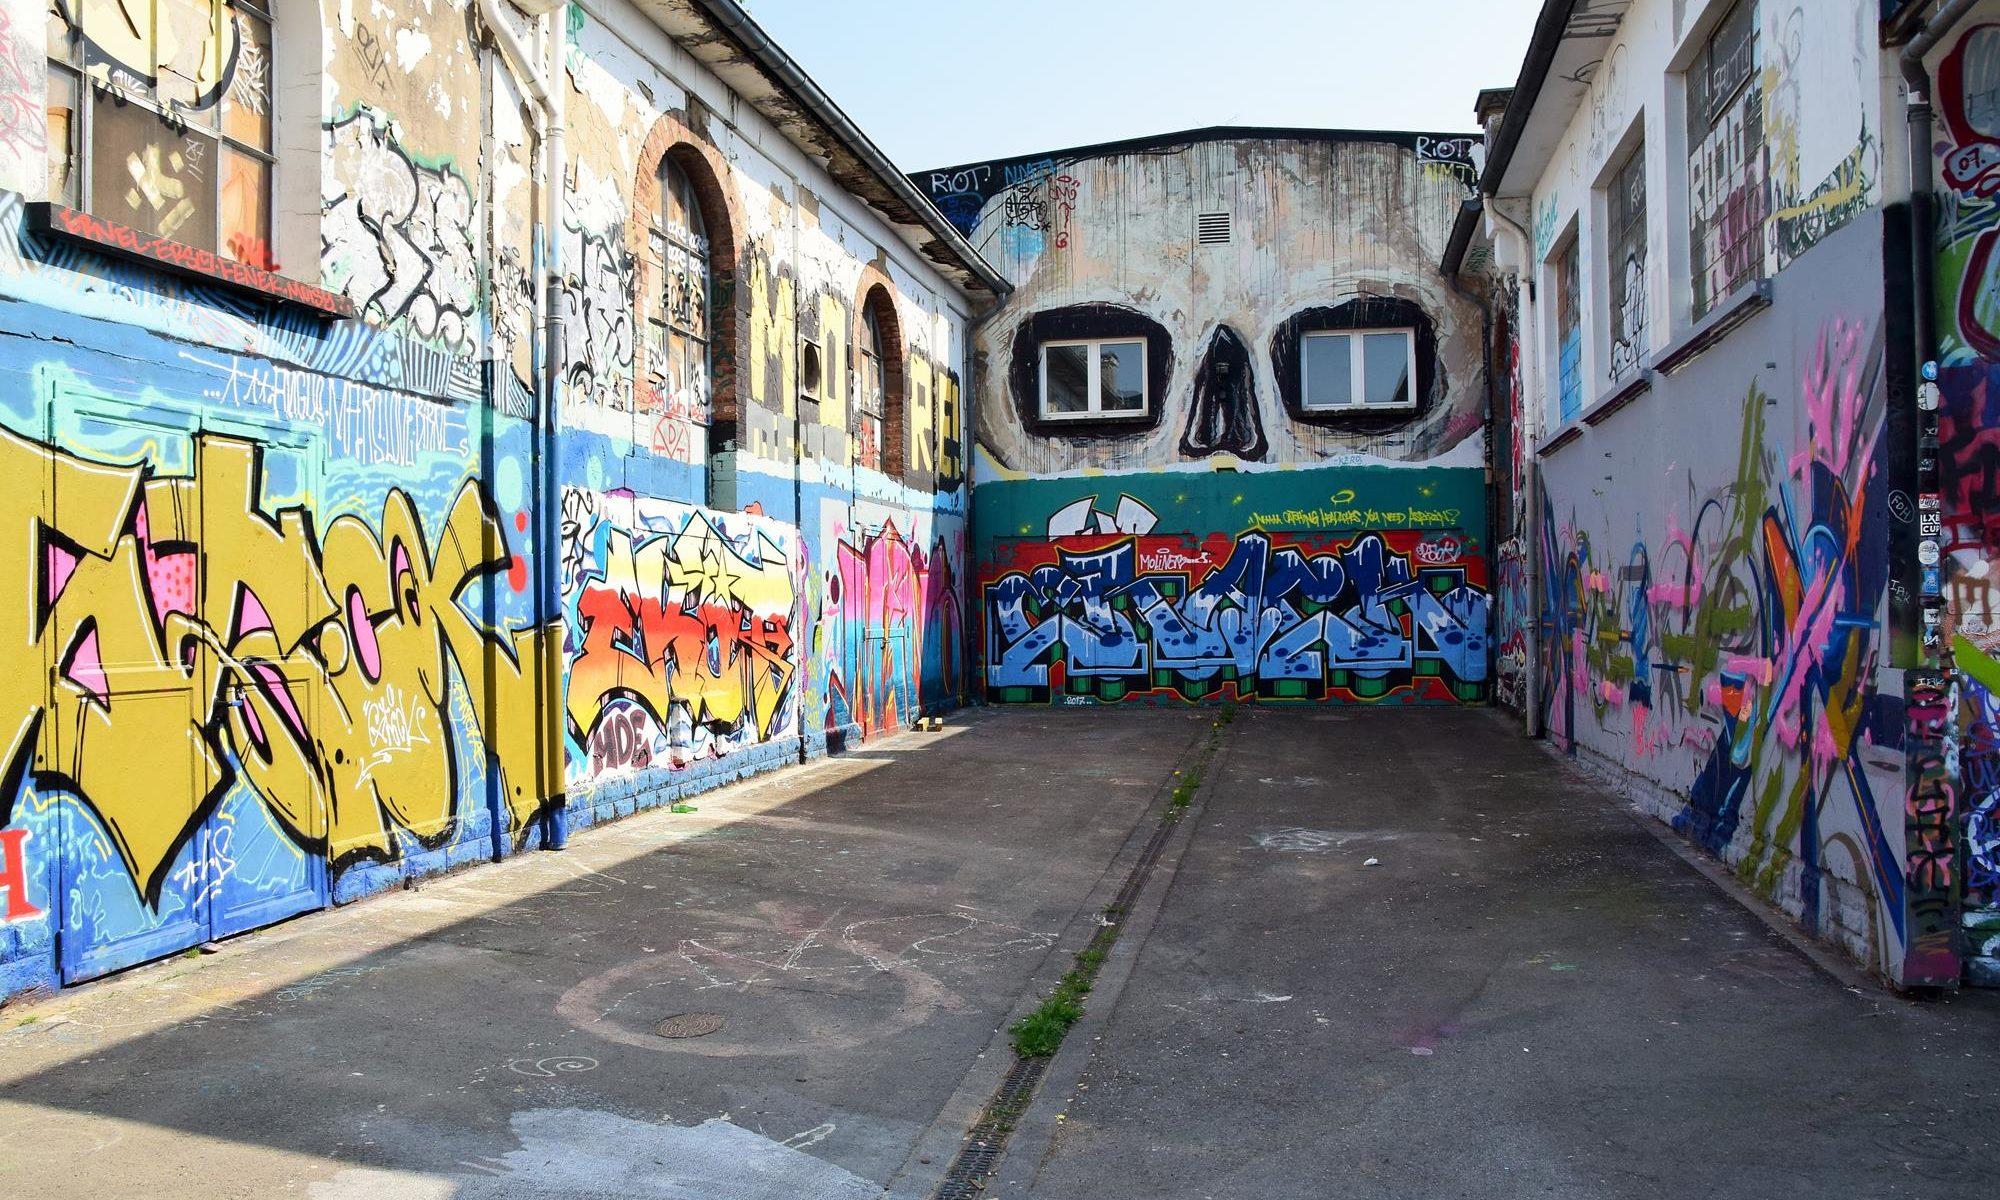 Luxembourg graffiti bonanza